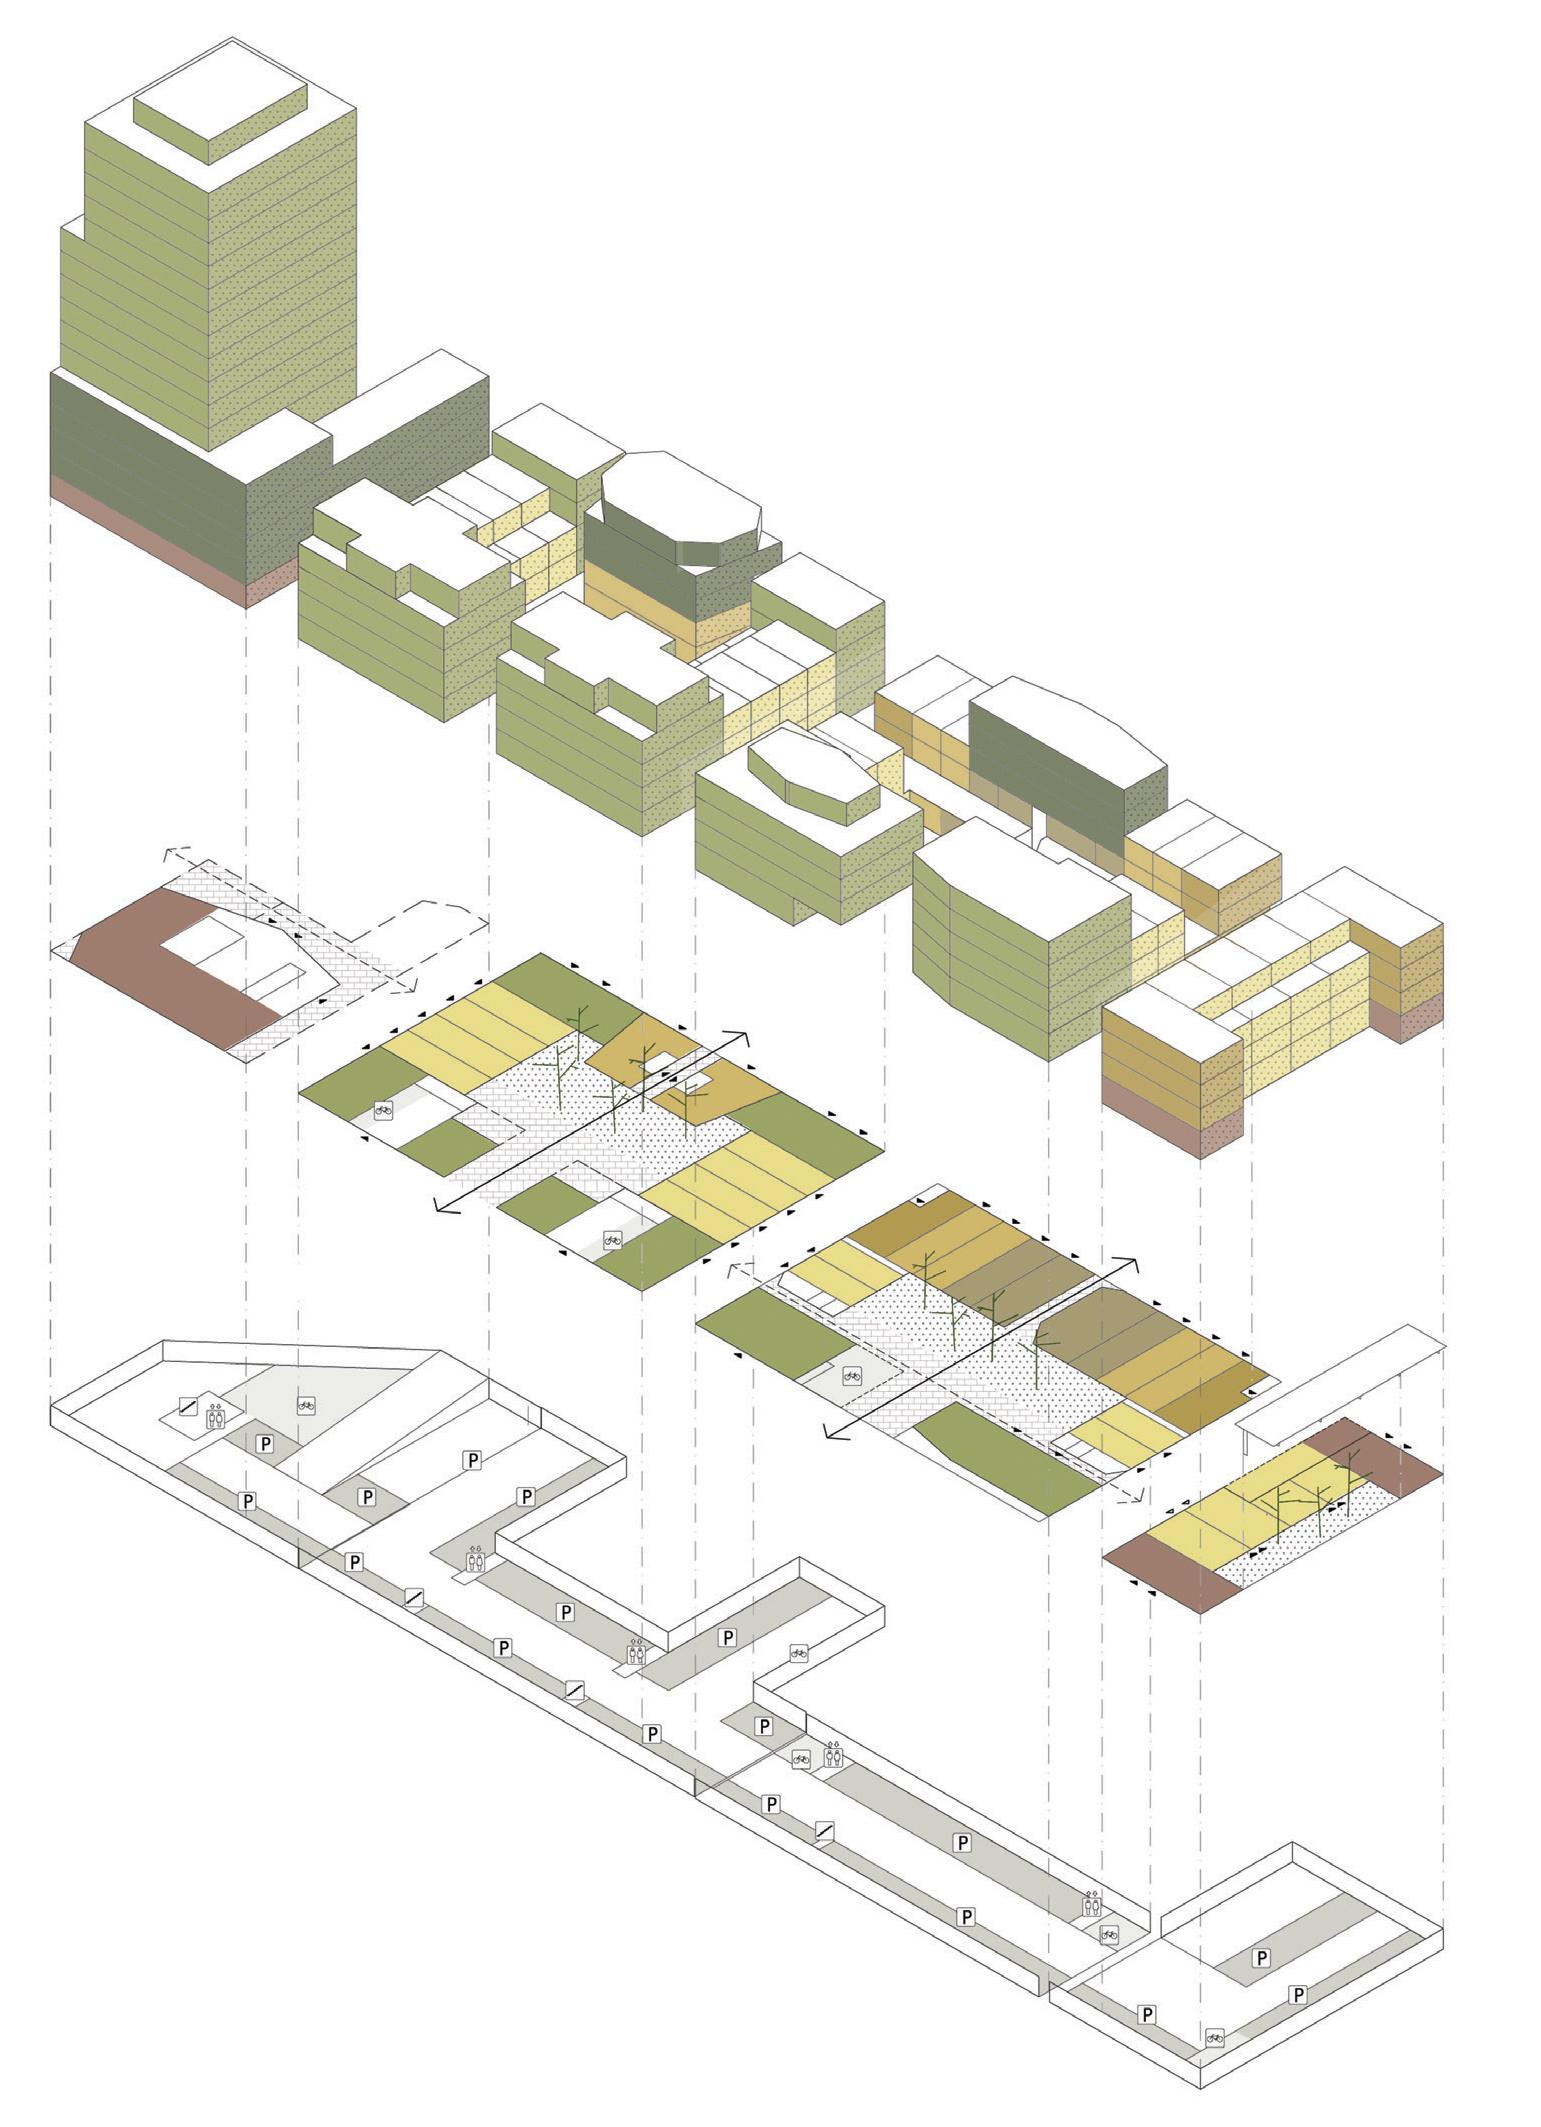 Lichtgroen: marktconforme woningen. Donkergroen: budgetwoningen. Geeltinten: rij- en hoekwoningen. Rood: commerciële ruimtes.